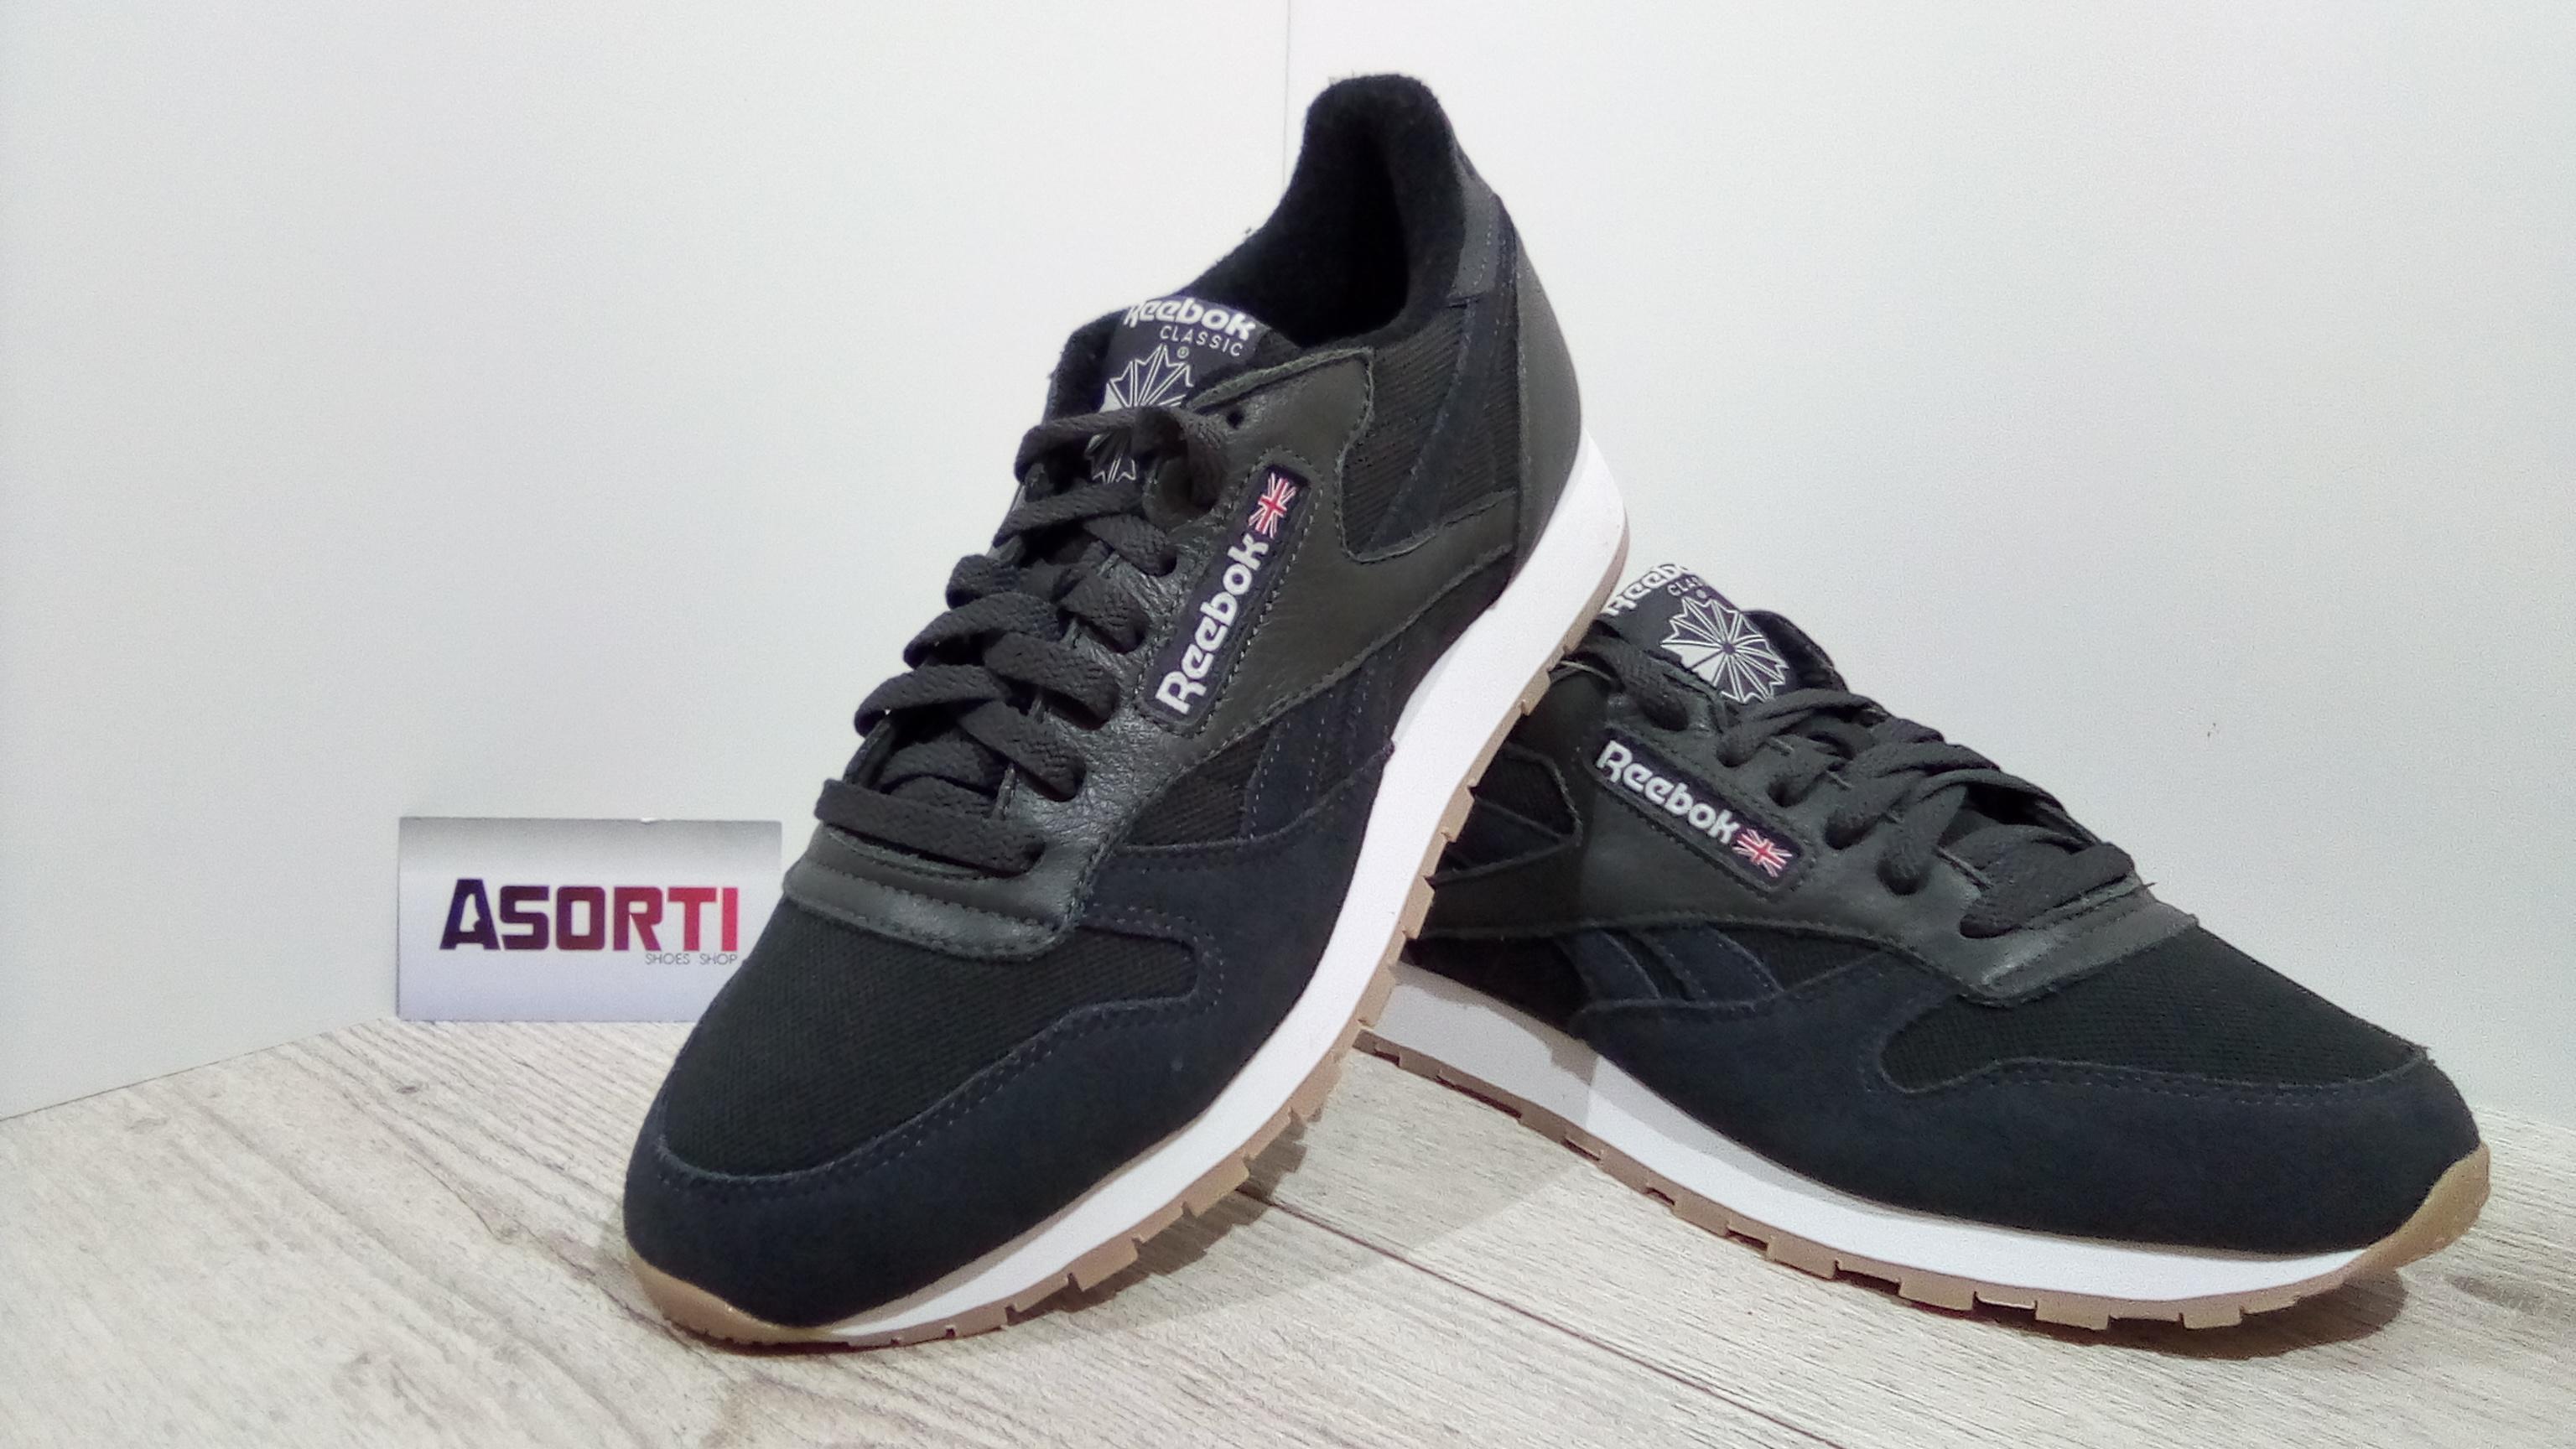 Чоловічі кросівки Reebok Classic Leather ESTL (BS9719) сірі купити в ... 8a5ecf64cc558